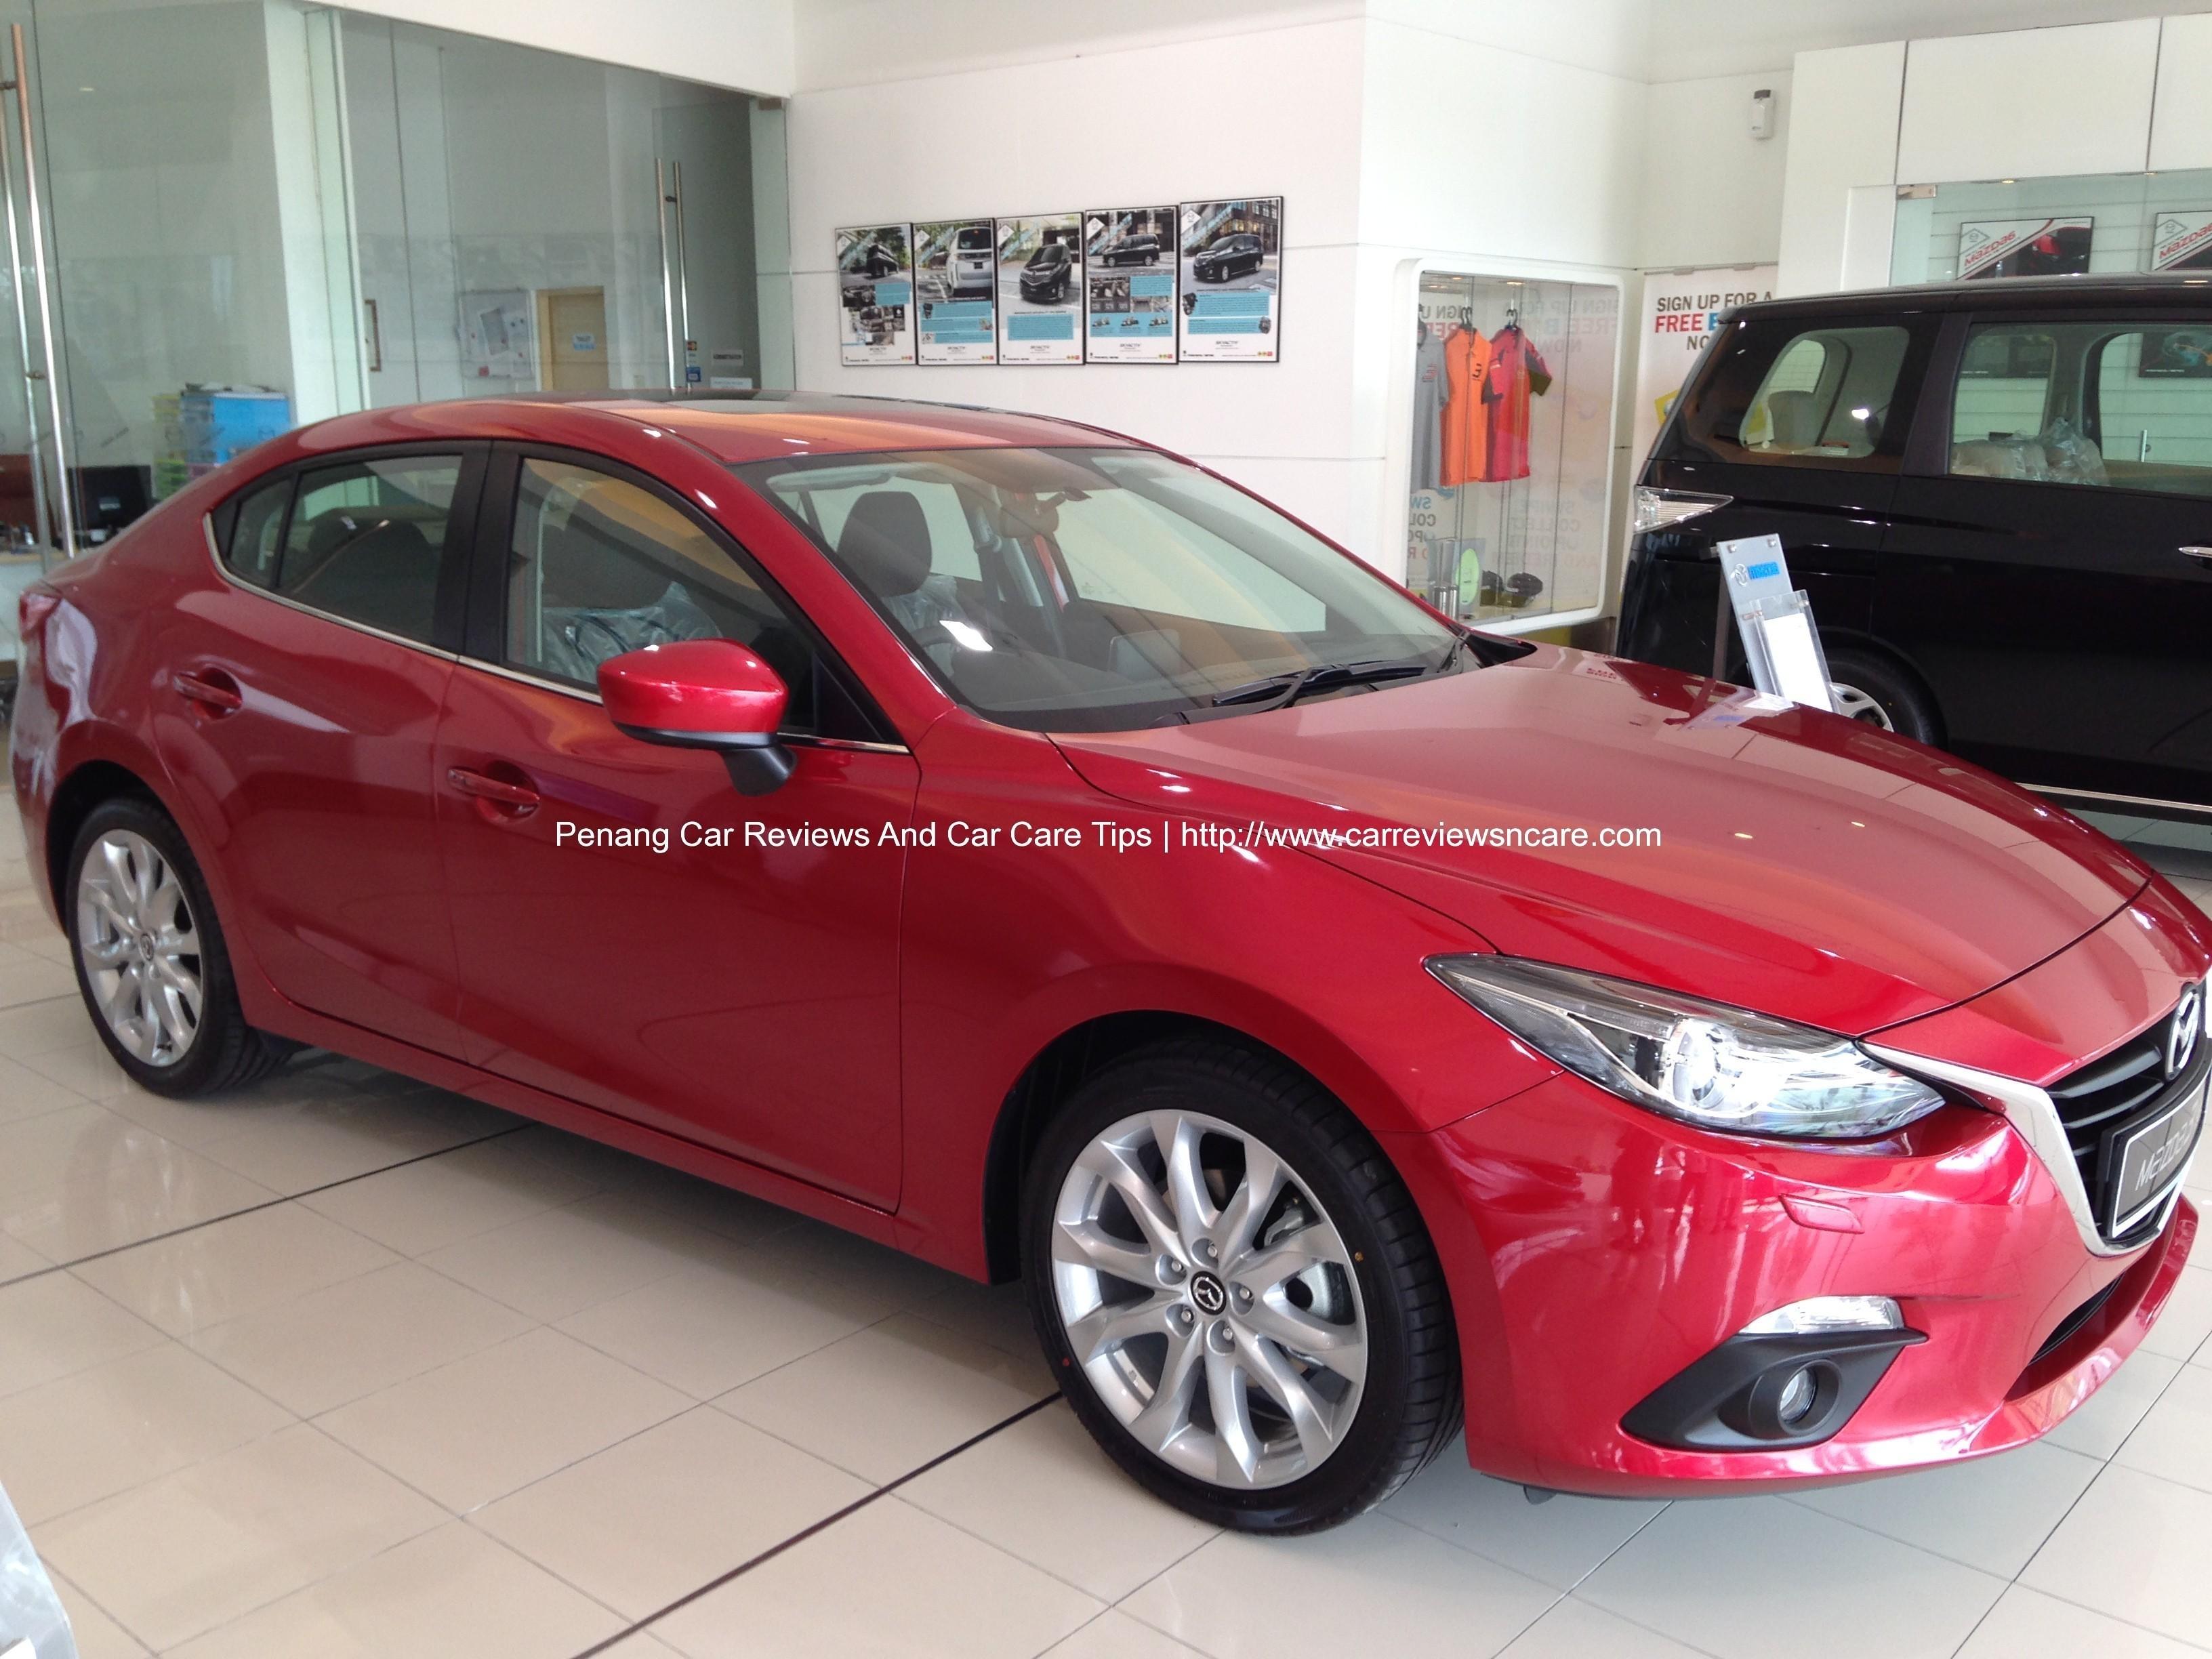 All New 2014 Skyactiv Mazda 3 20L Test Drive In Bayan Lepas